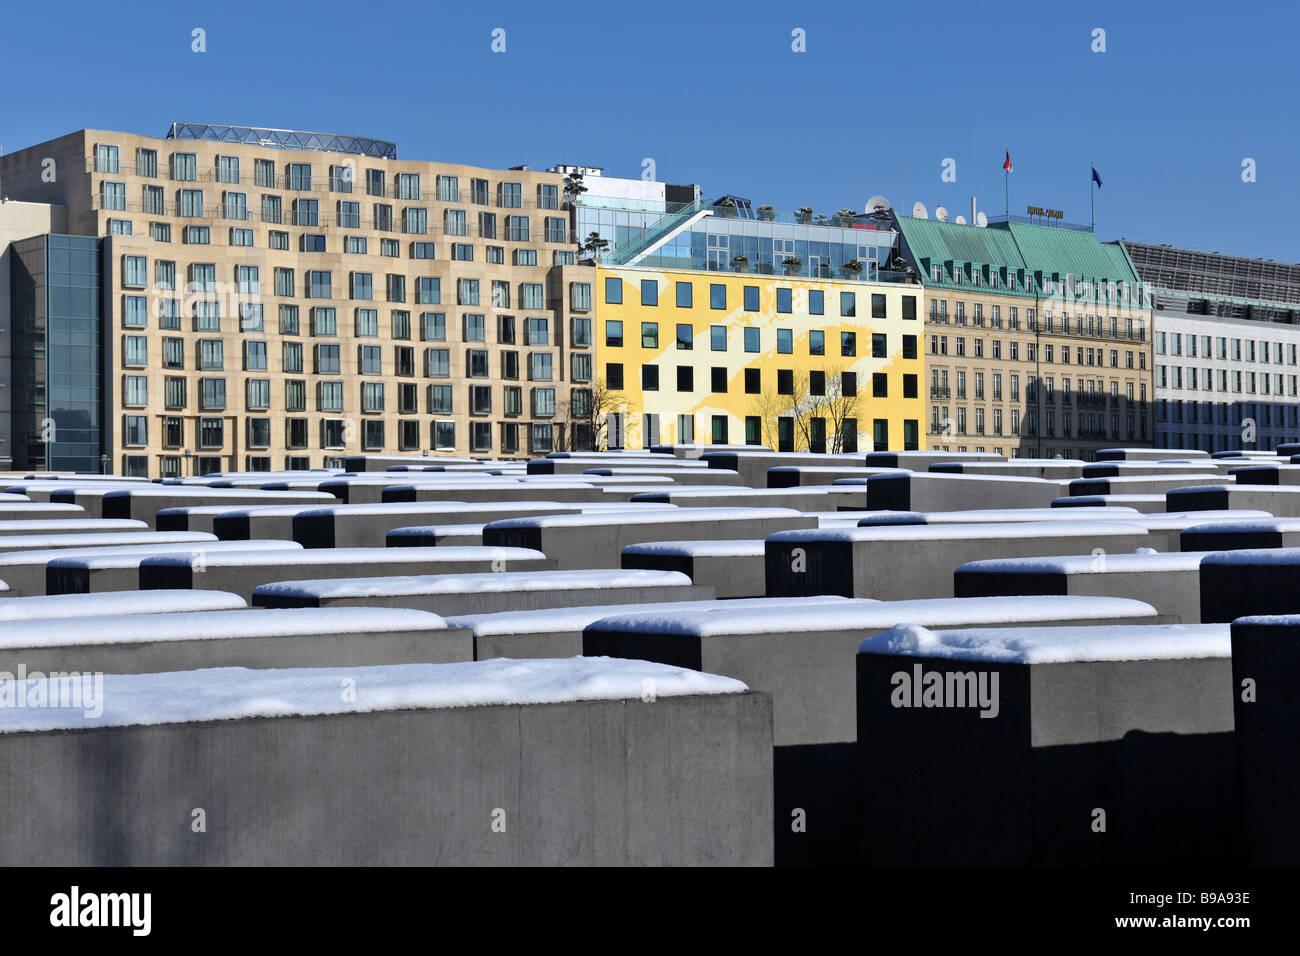 Berlin Mitte Holocaust Memorial Beton Fünfergruppe Architekten Peter Eisenmann 2009 Stockbild